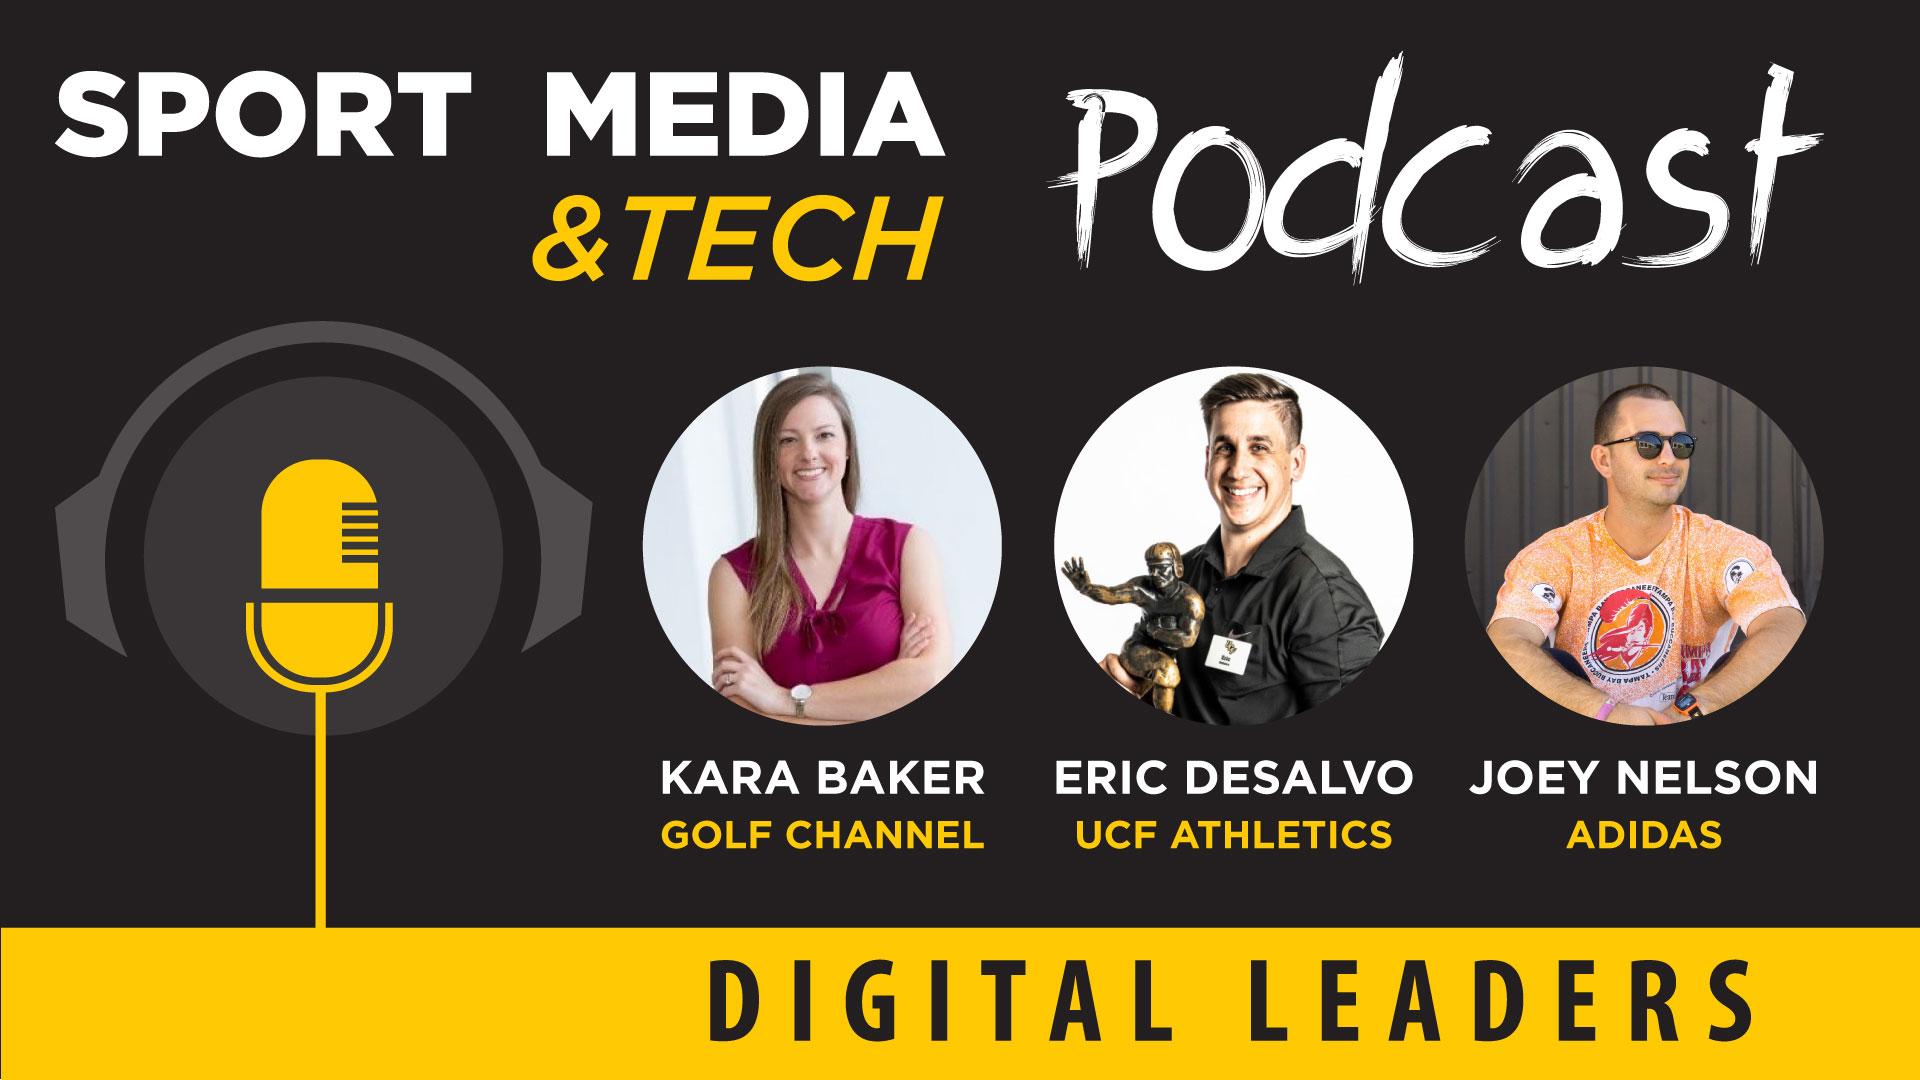 Episode 1: Digital Leaders